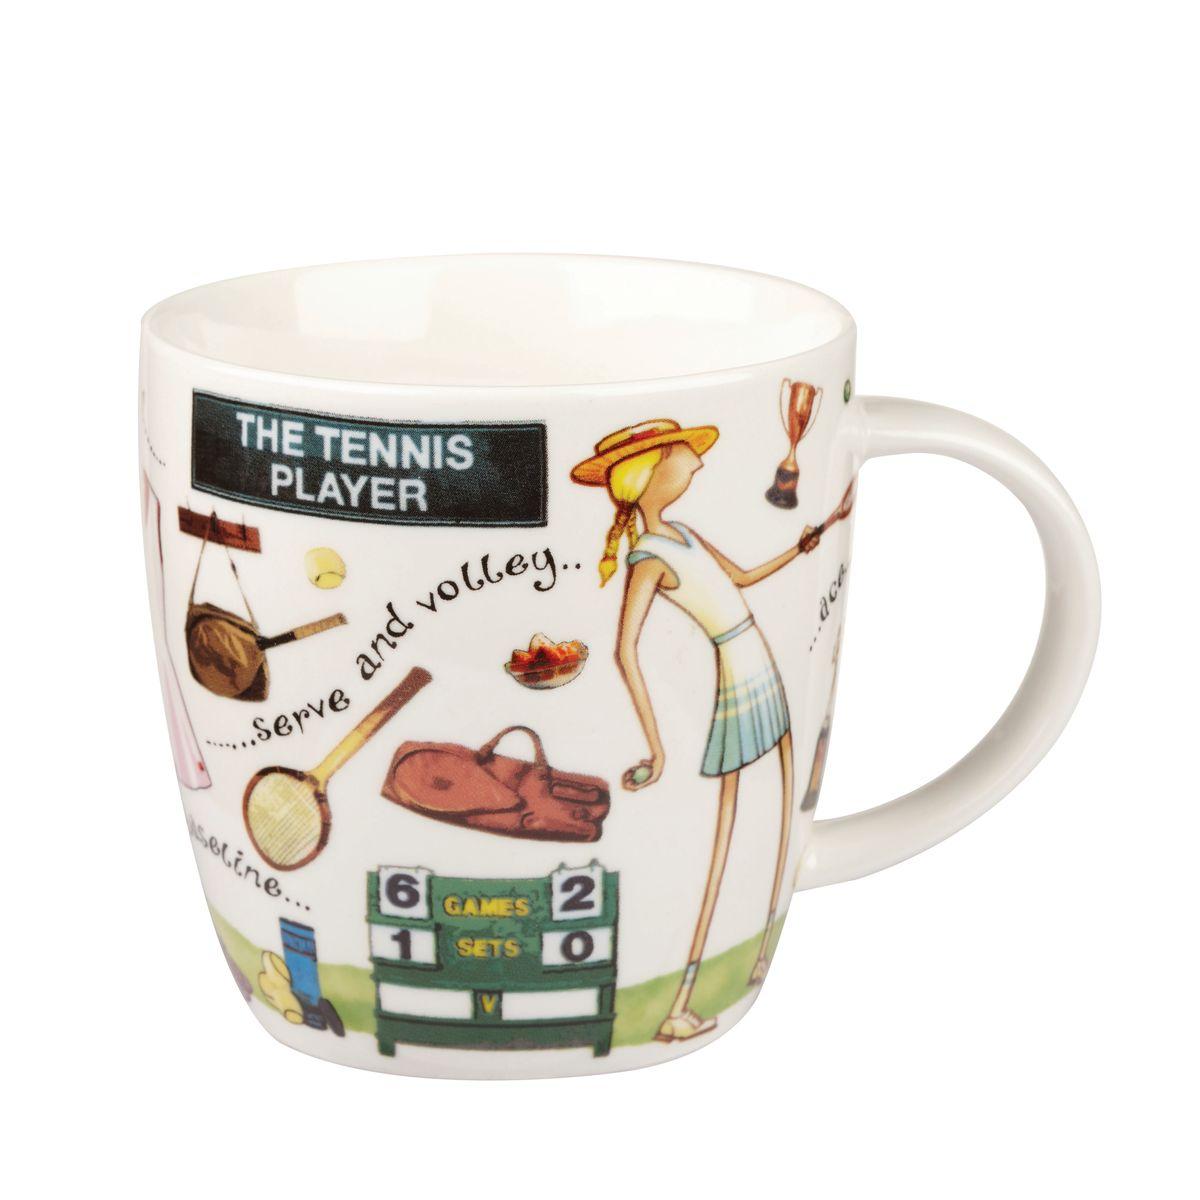 Кружка Churchill Теннисист, 400 млYOUR00211Кружка Churchill Теннисист изготовлена из высококачественного костяного фарфора. Внешние стенки дополнены оригинальным принтом. Такая кружка отлично подойдет для горячих и холодных напитков. С ней ваши любимые напитки будут еще вкусней.Коллекция На досуге призывает наслаждаться любимыми делами, например, заняться спортом. Коллекция отличается причудливыми веселыми рисунками и оригинальной подарочной упаковкой. Можно мыть в посудомоечной машине. Можно использовать в микроволновой печи.